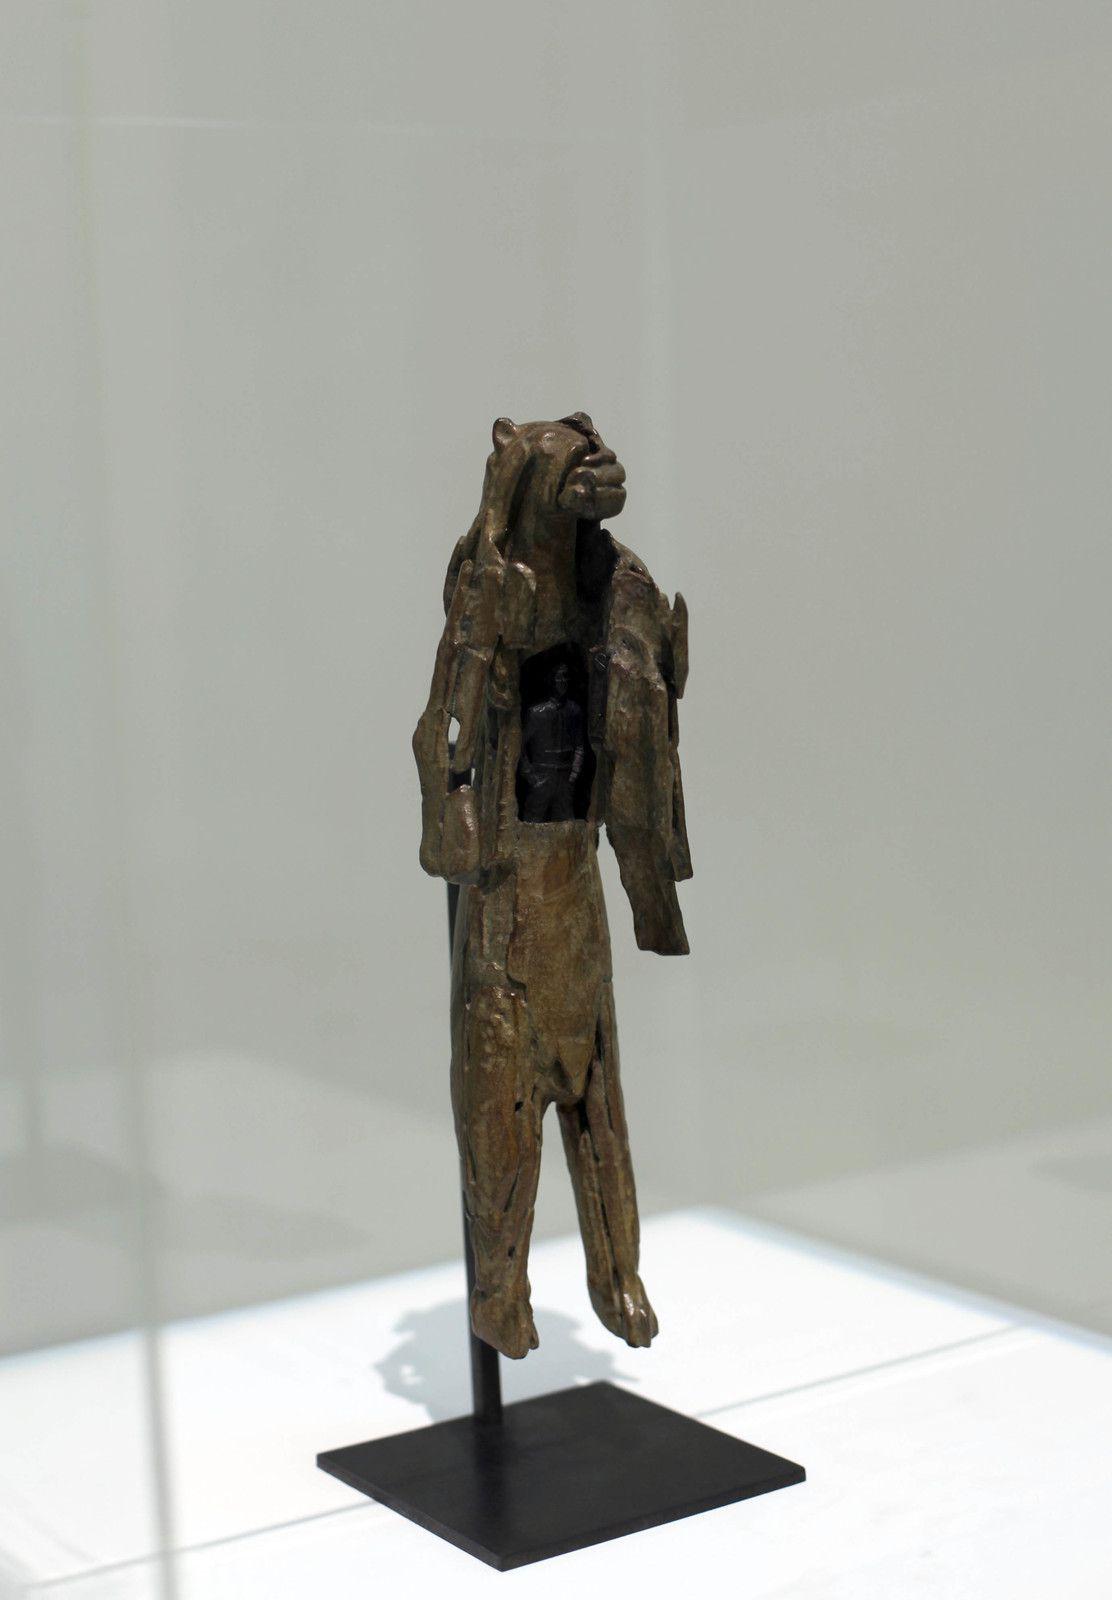 """""""L'homme Lion"""", 2020 de Abraham POINCHEVAL - Courtesy de l'artiste et la galerie Semiose © Photo Éric Simon"""